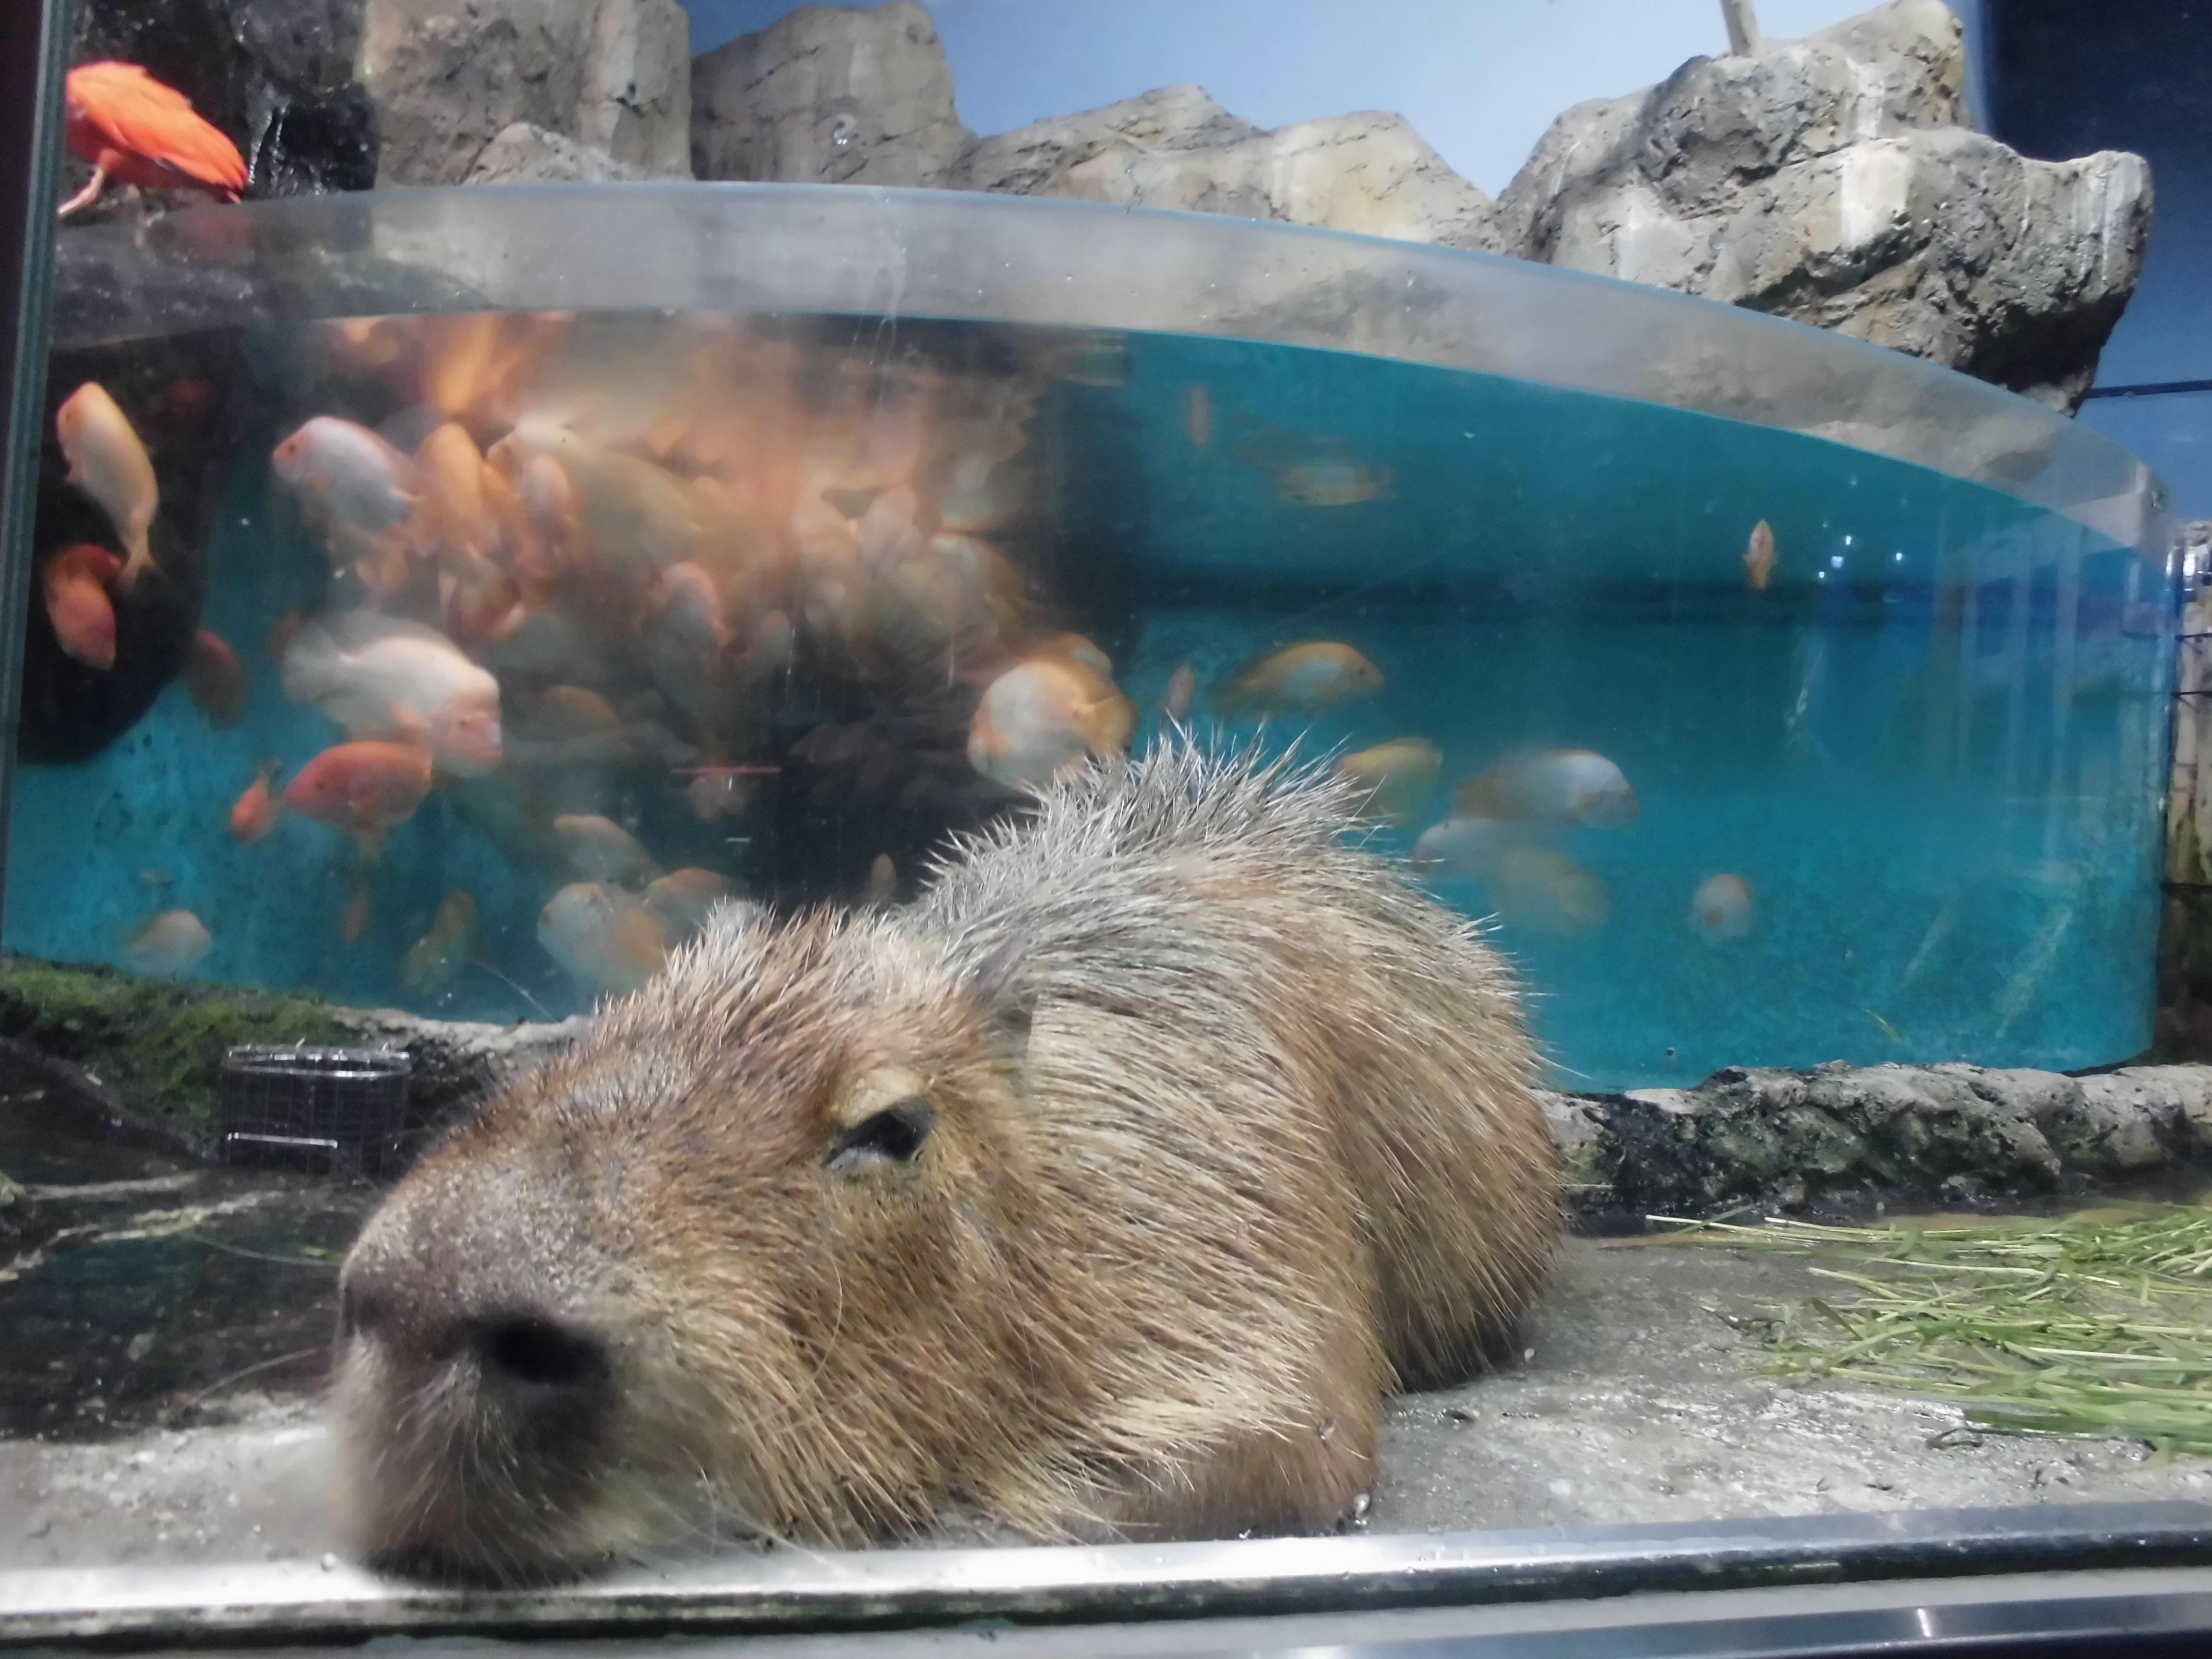 ジュゴンに会える水族館に行こう!!【鳥羽水族館に行ってきました。by-VEGETAPSY】